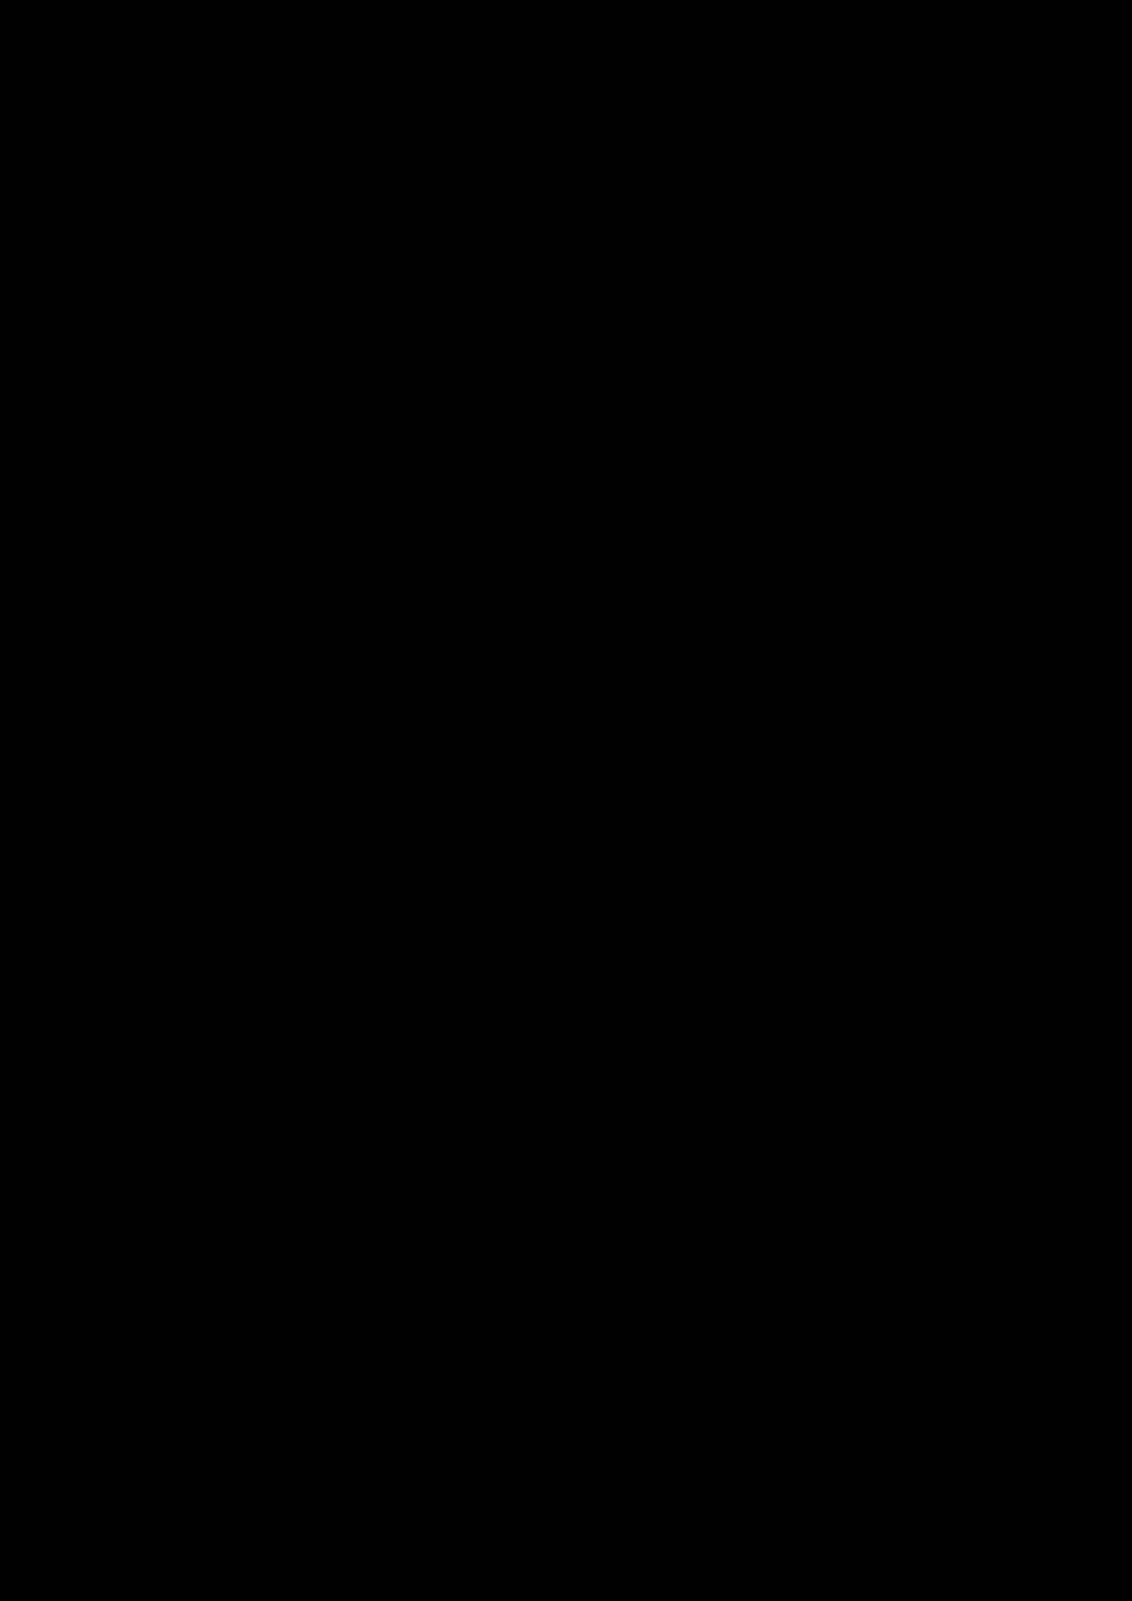 Proschanie s volshebnoy stranoy slide, Image 27